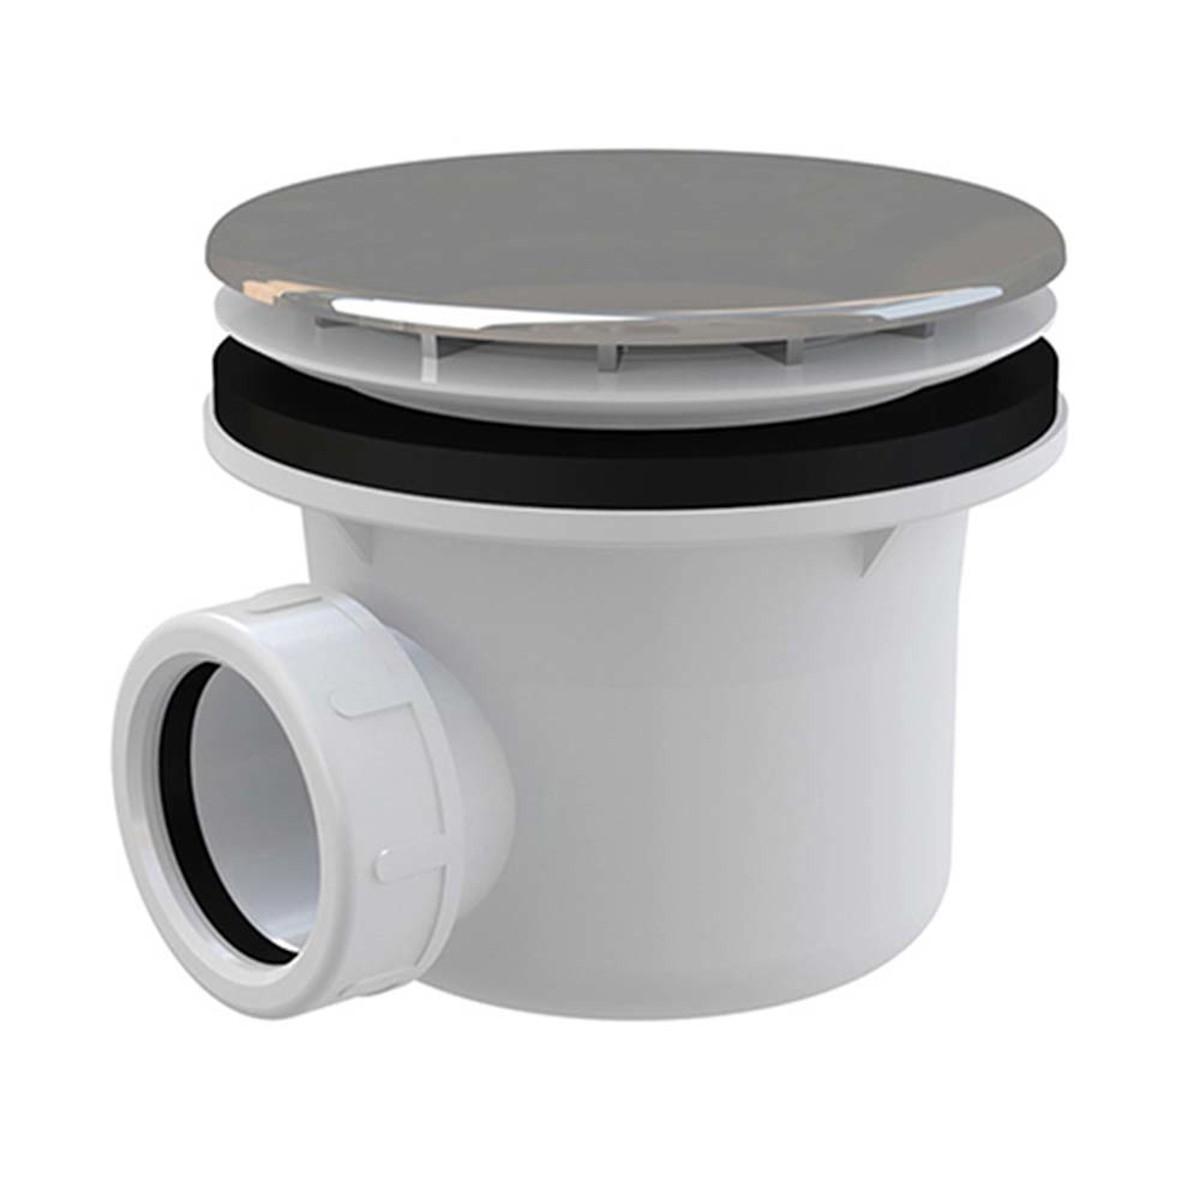 Sifon vaničkový Roth - chrom plast, pr. 90 mm 8100016